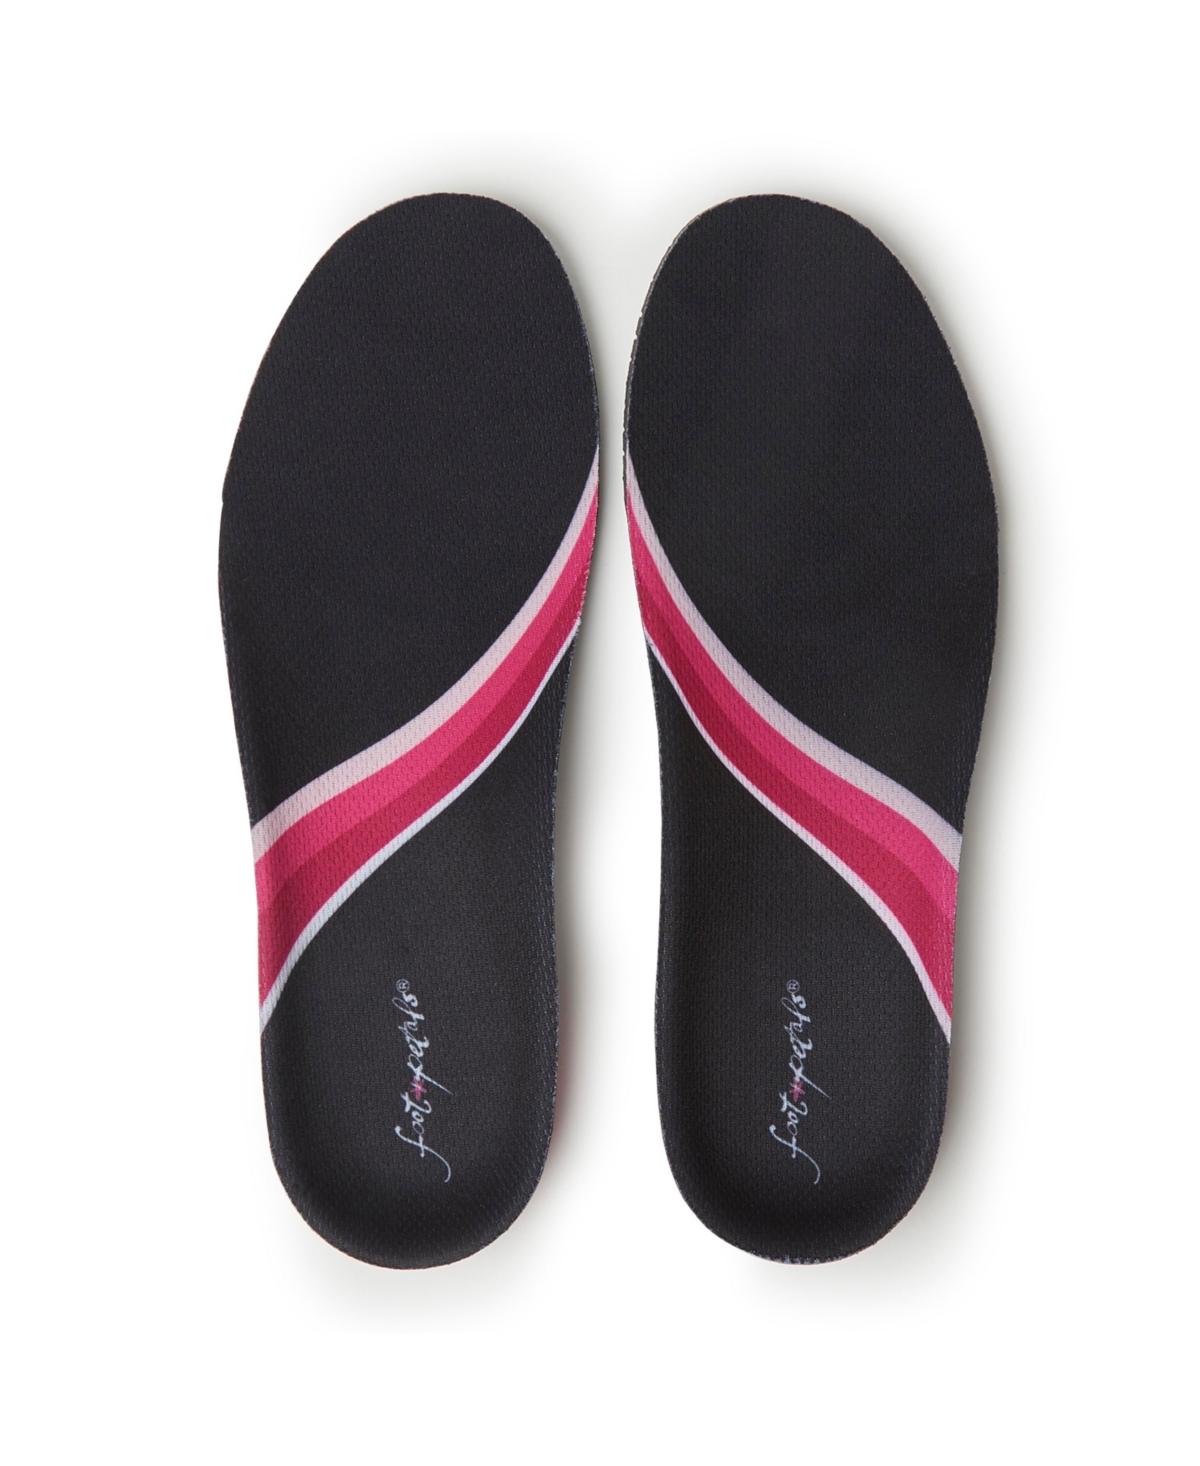 Foot Petals Active Insoles Women's Shoes